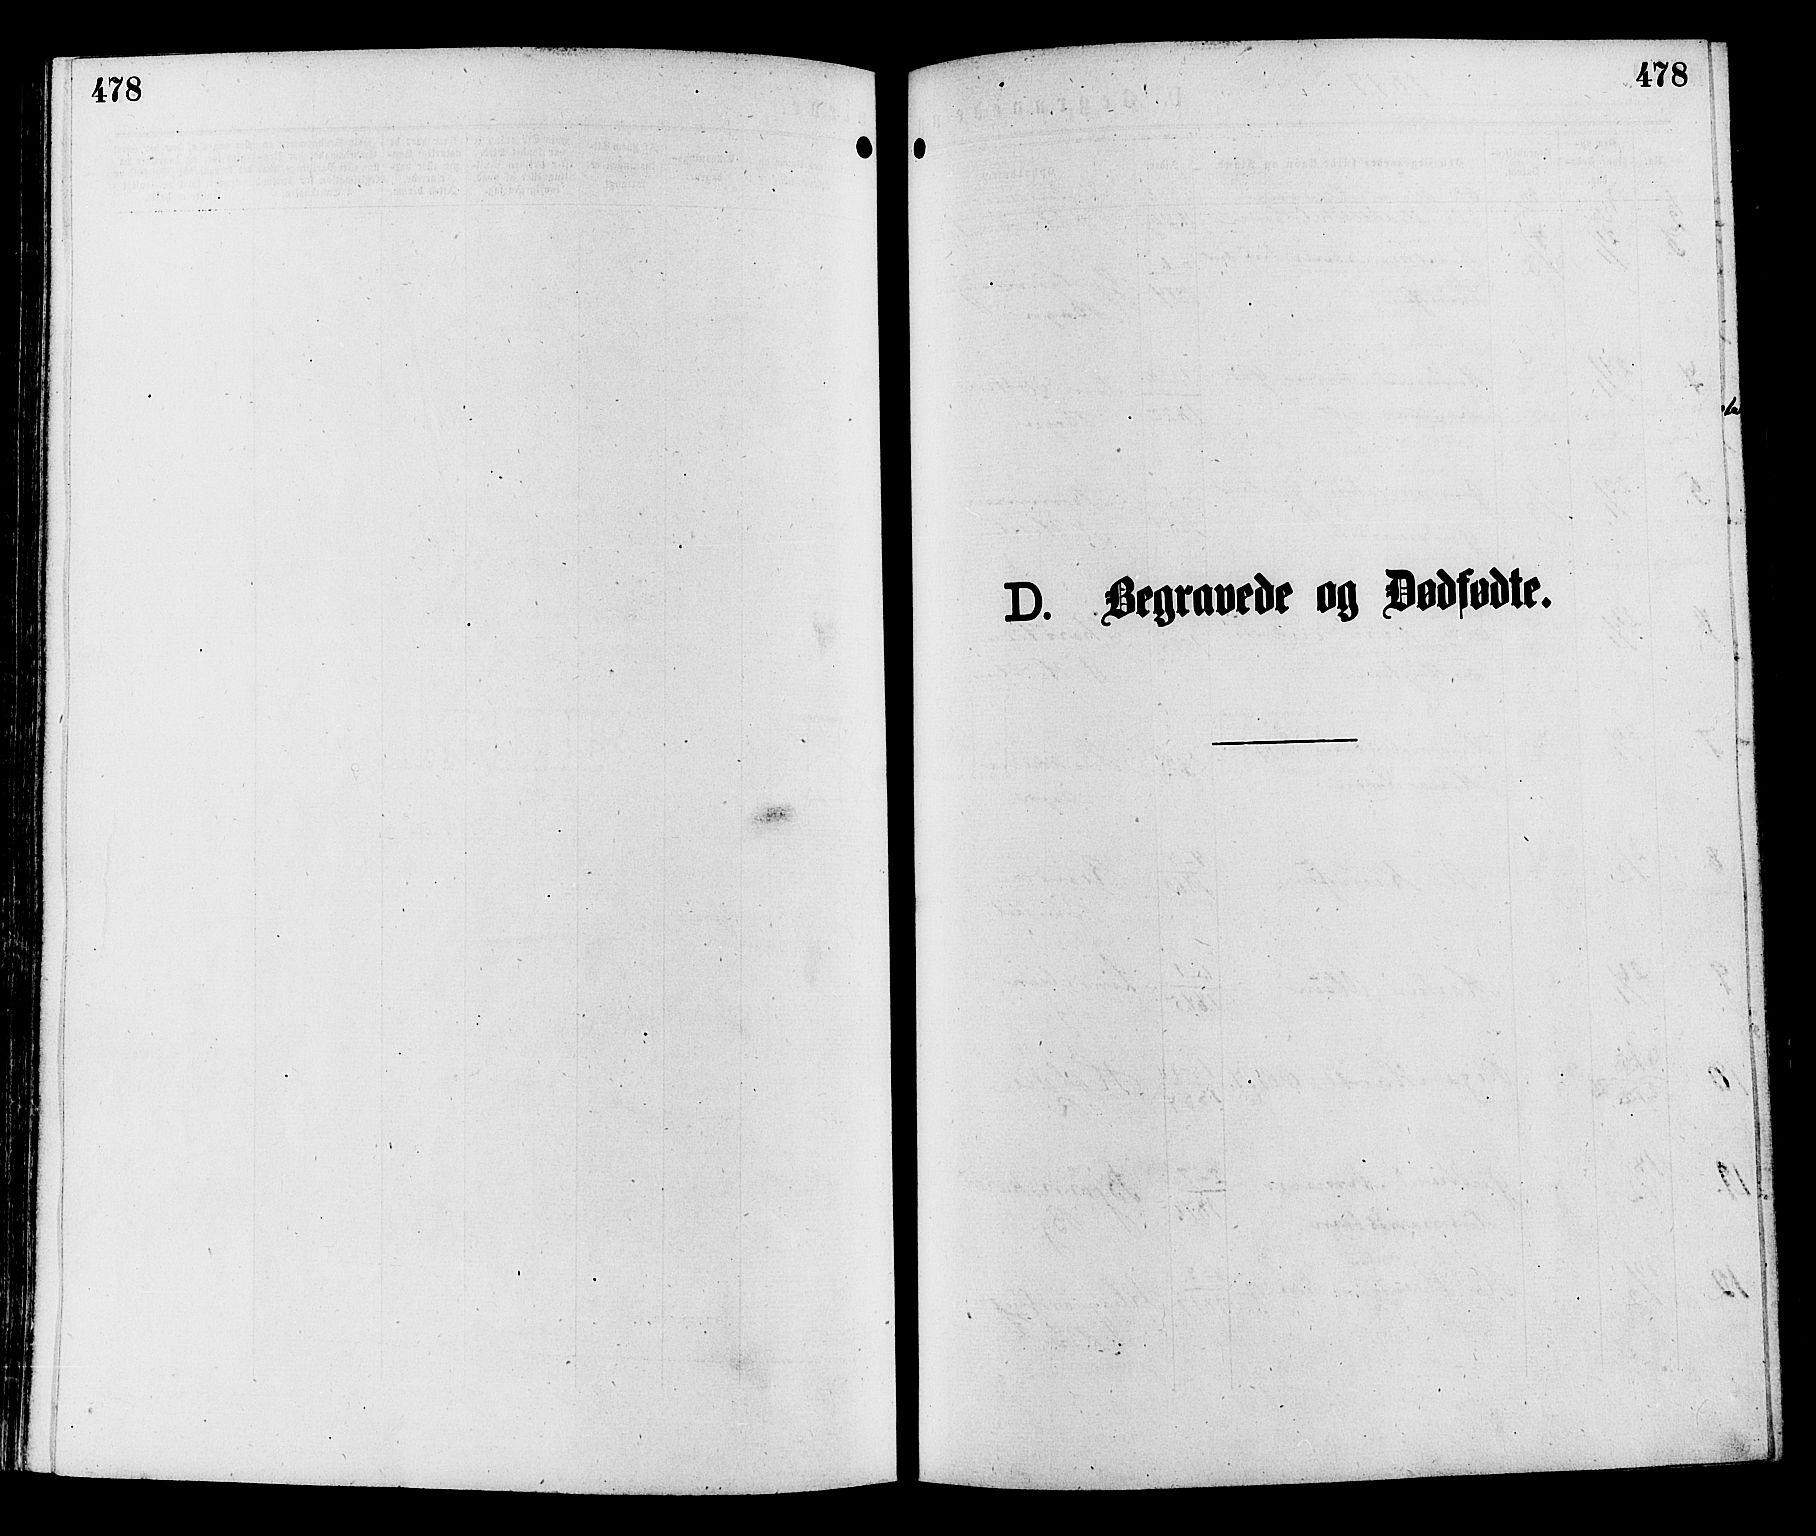 SAH, Sør-Aurdal prestekontor, Ministerialbok nr. 8, 1877-1885, s. 478